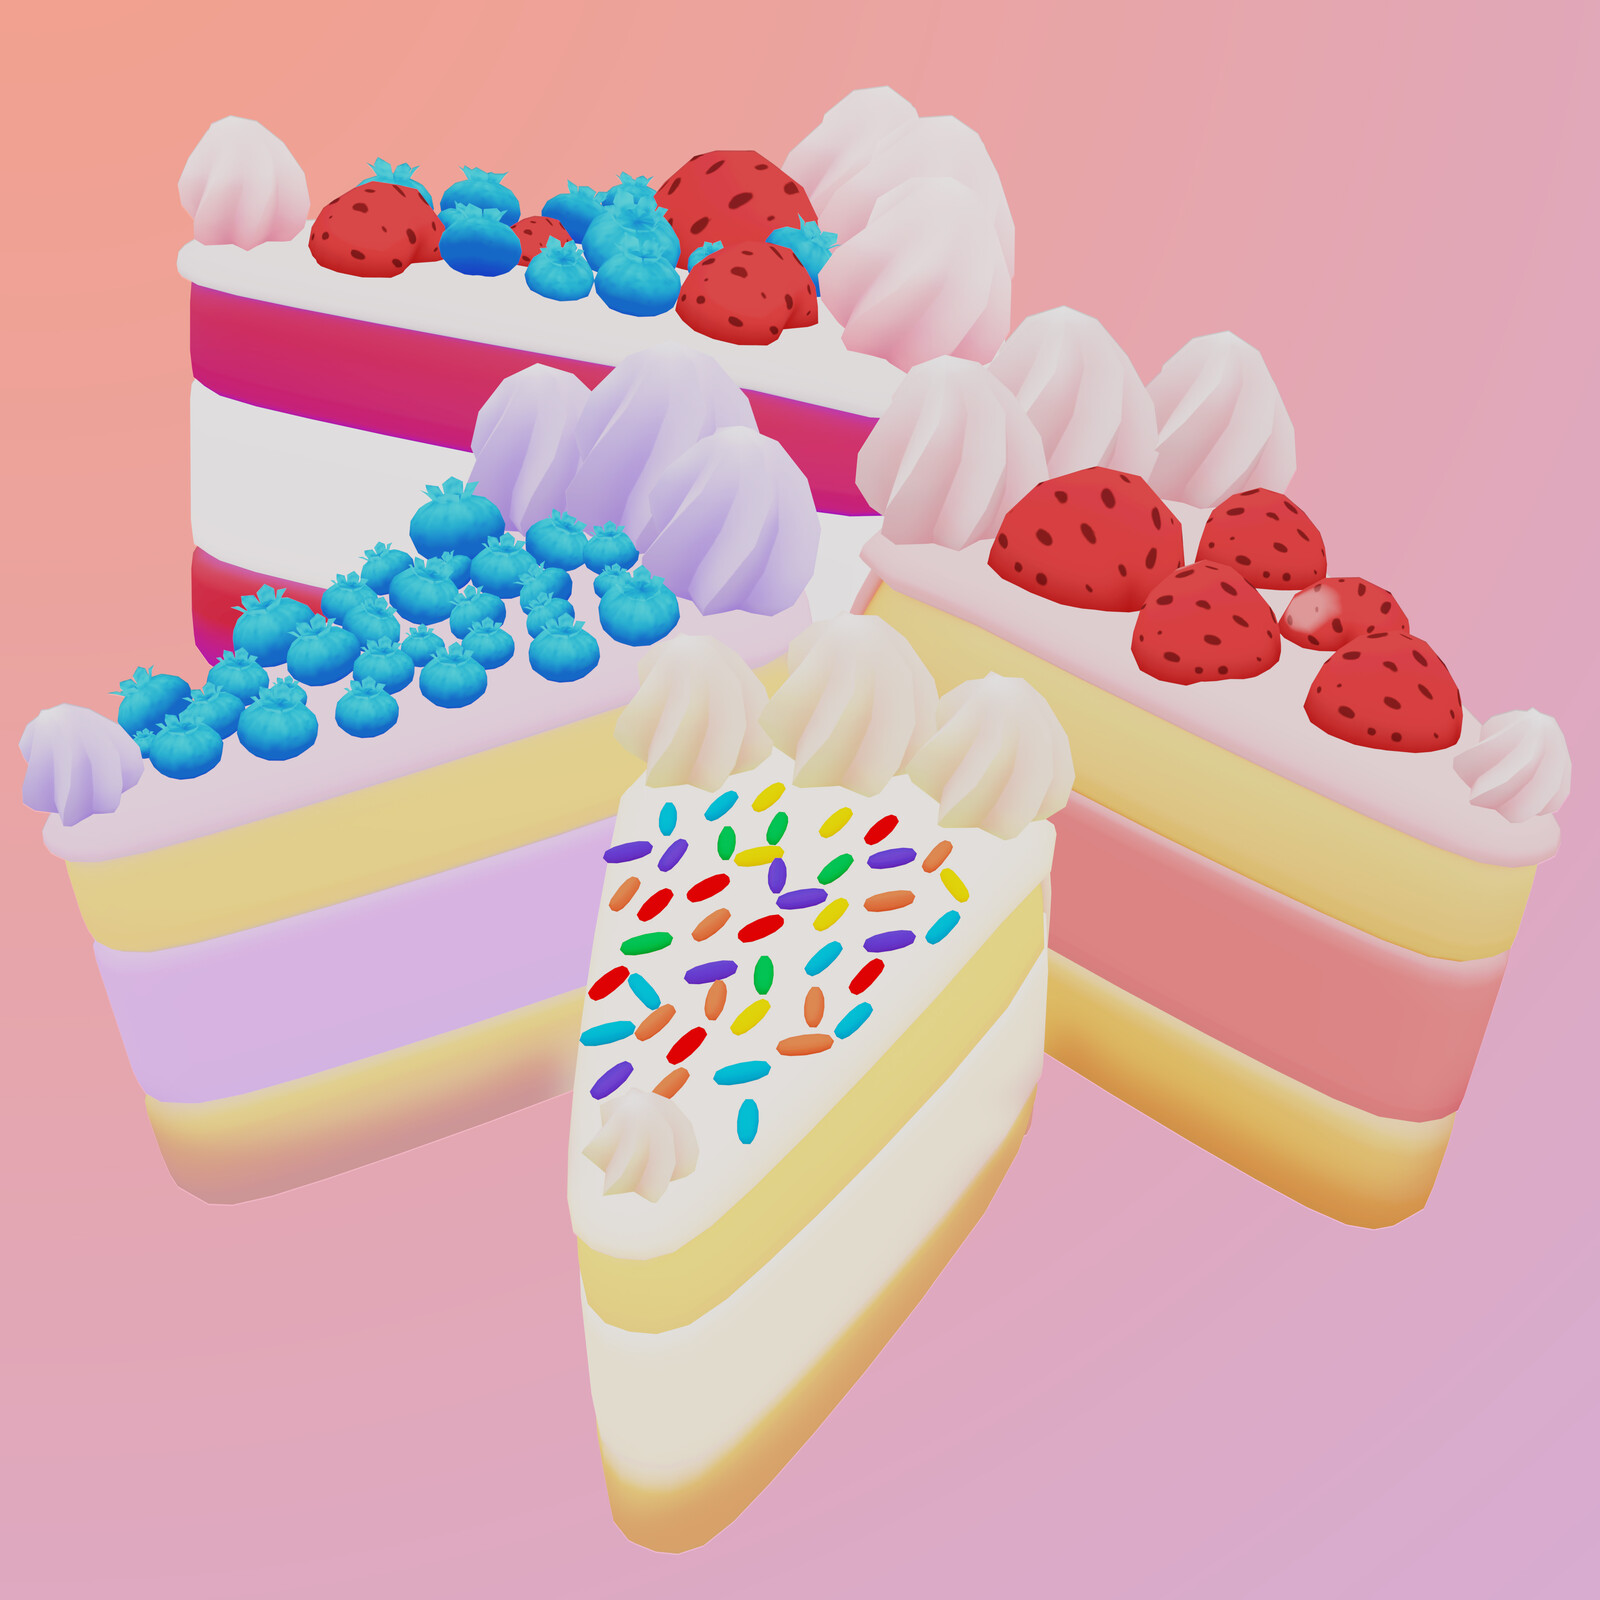 Cake Stinger